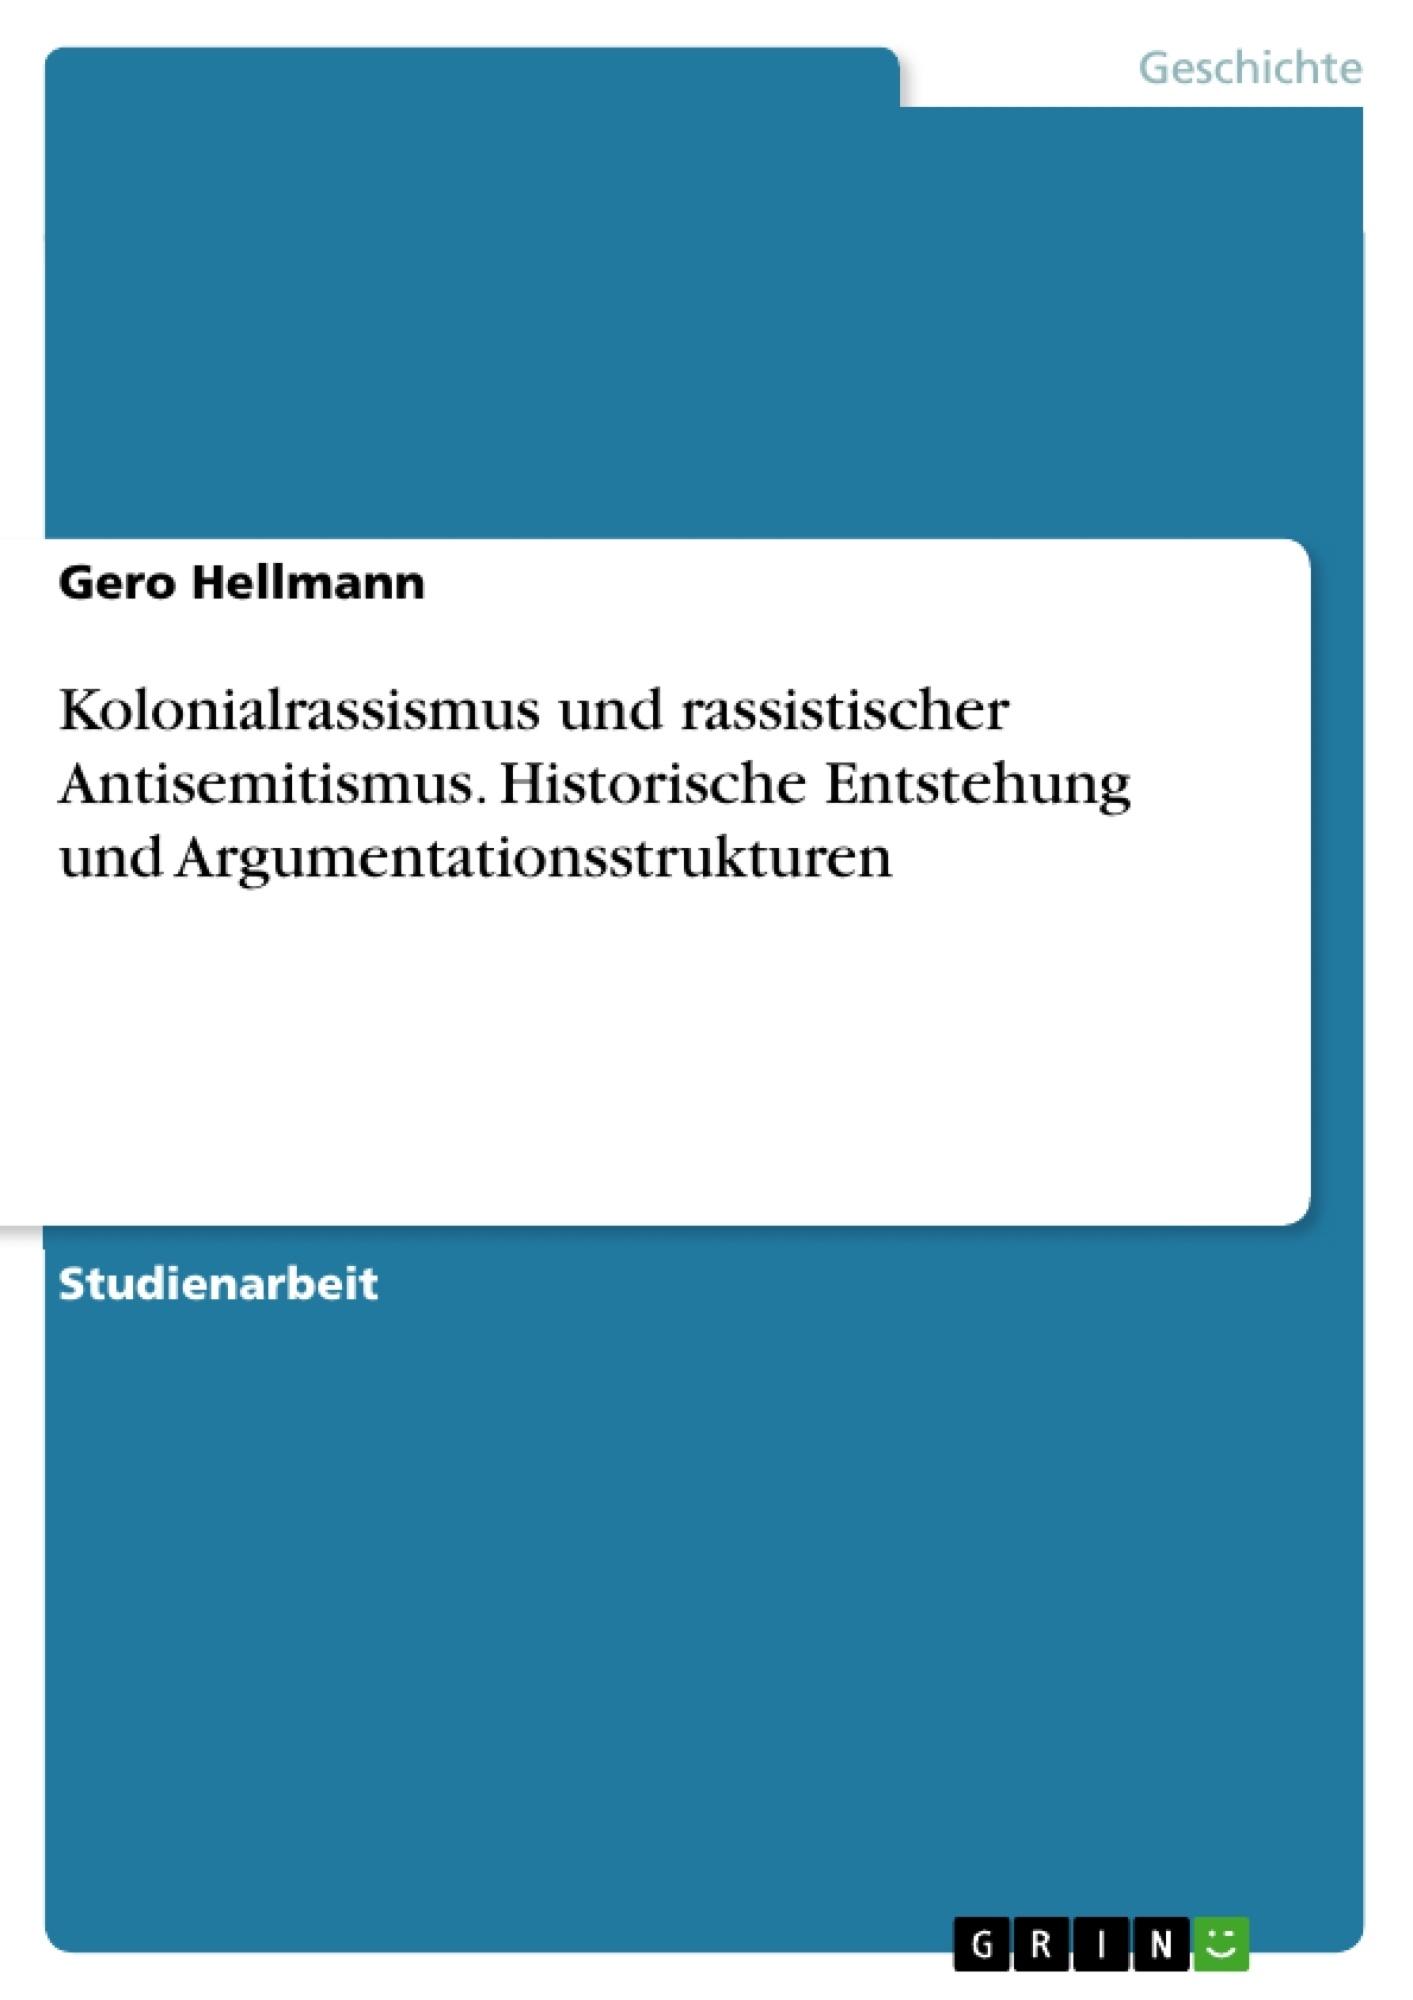 Titel: Kolonialrassismus und rassistischer Antisemitismus. Historische Entstehung und Argumentationsstrukturen